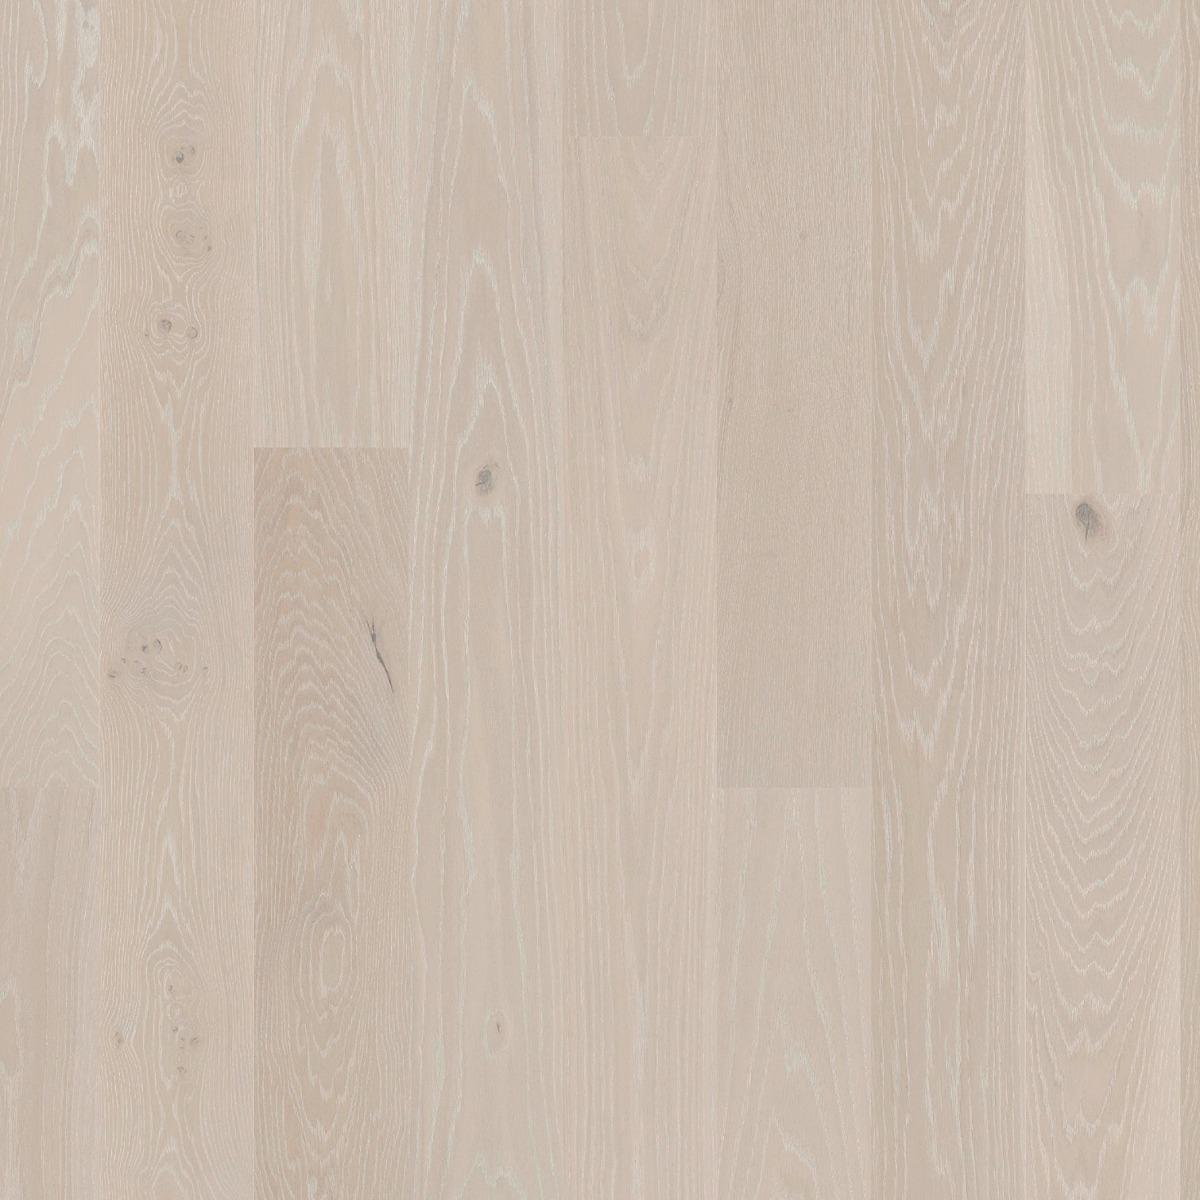 Tarkett Shade 14 Ek Cloud Grey Plank - Hårdvaxolja - Parkettgolv